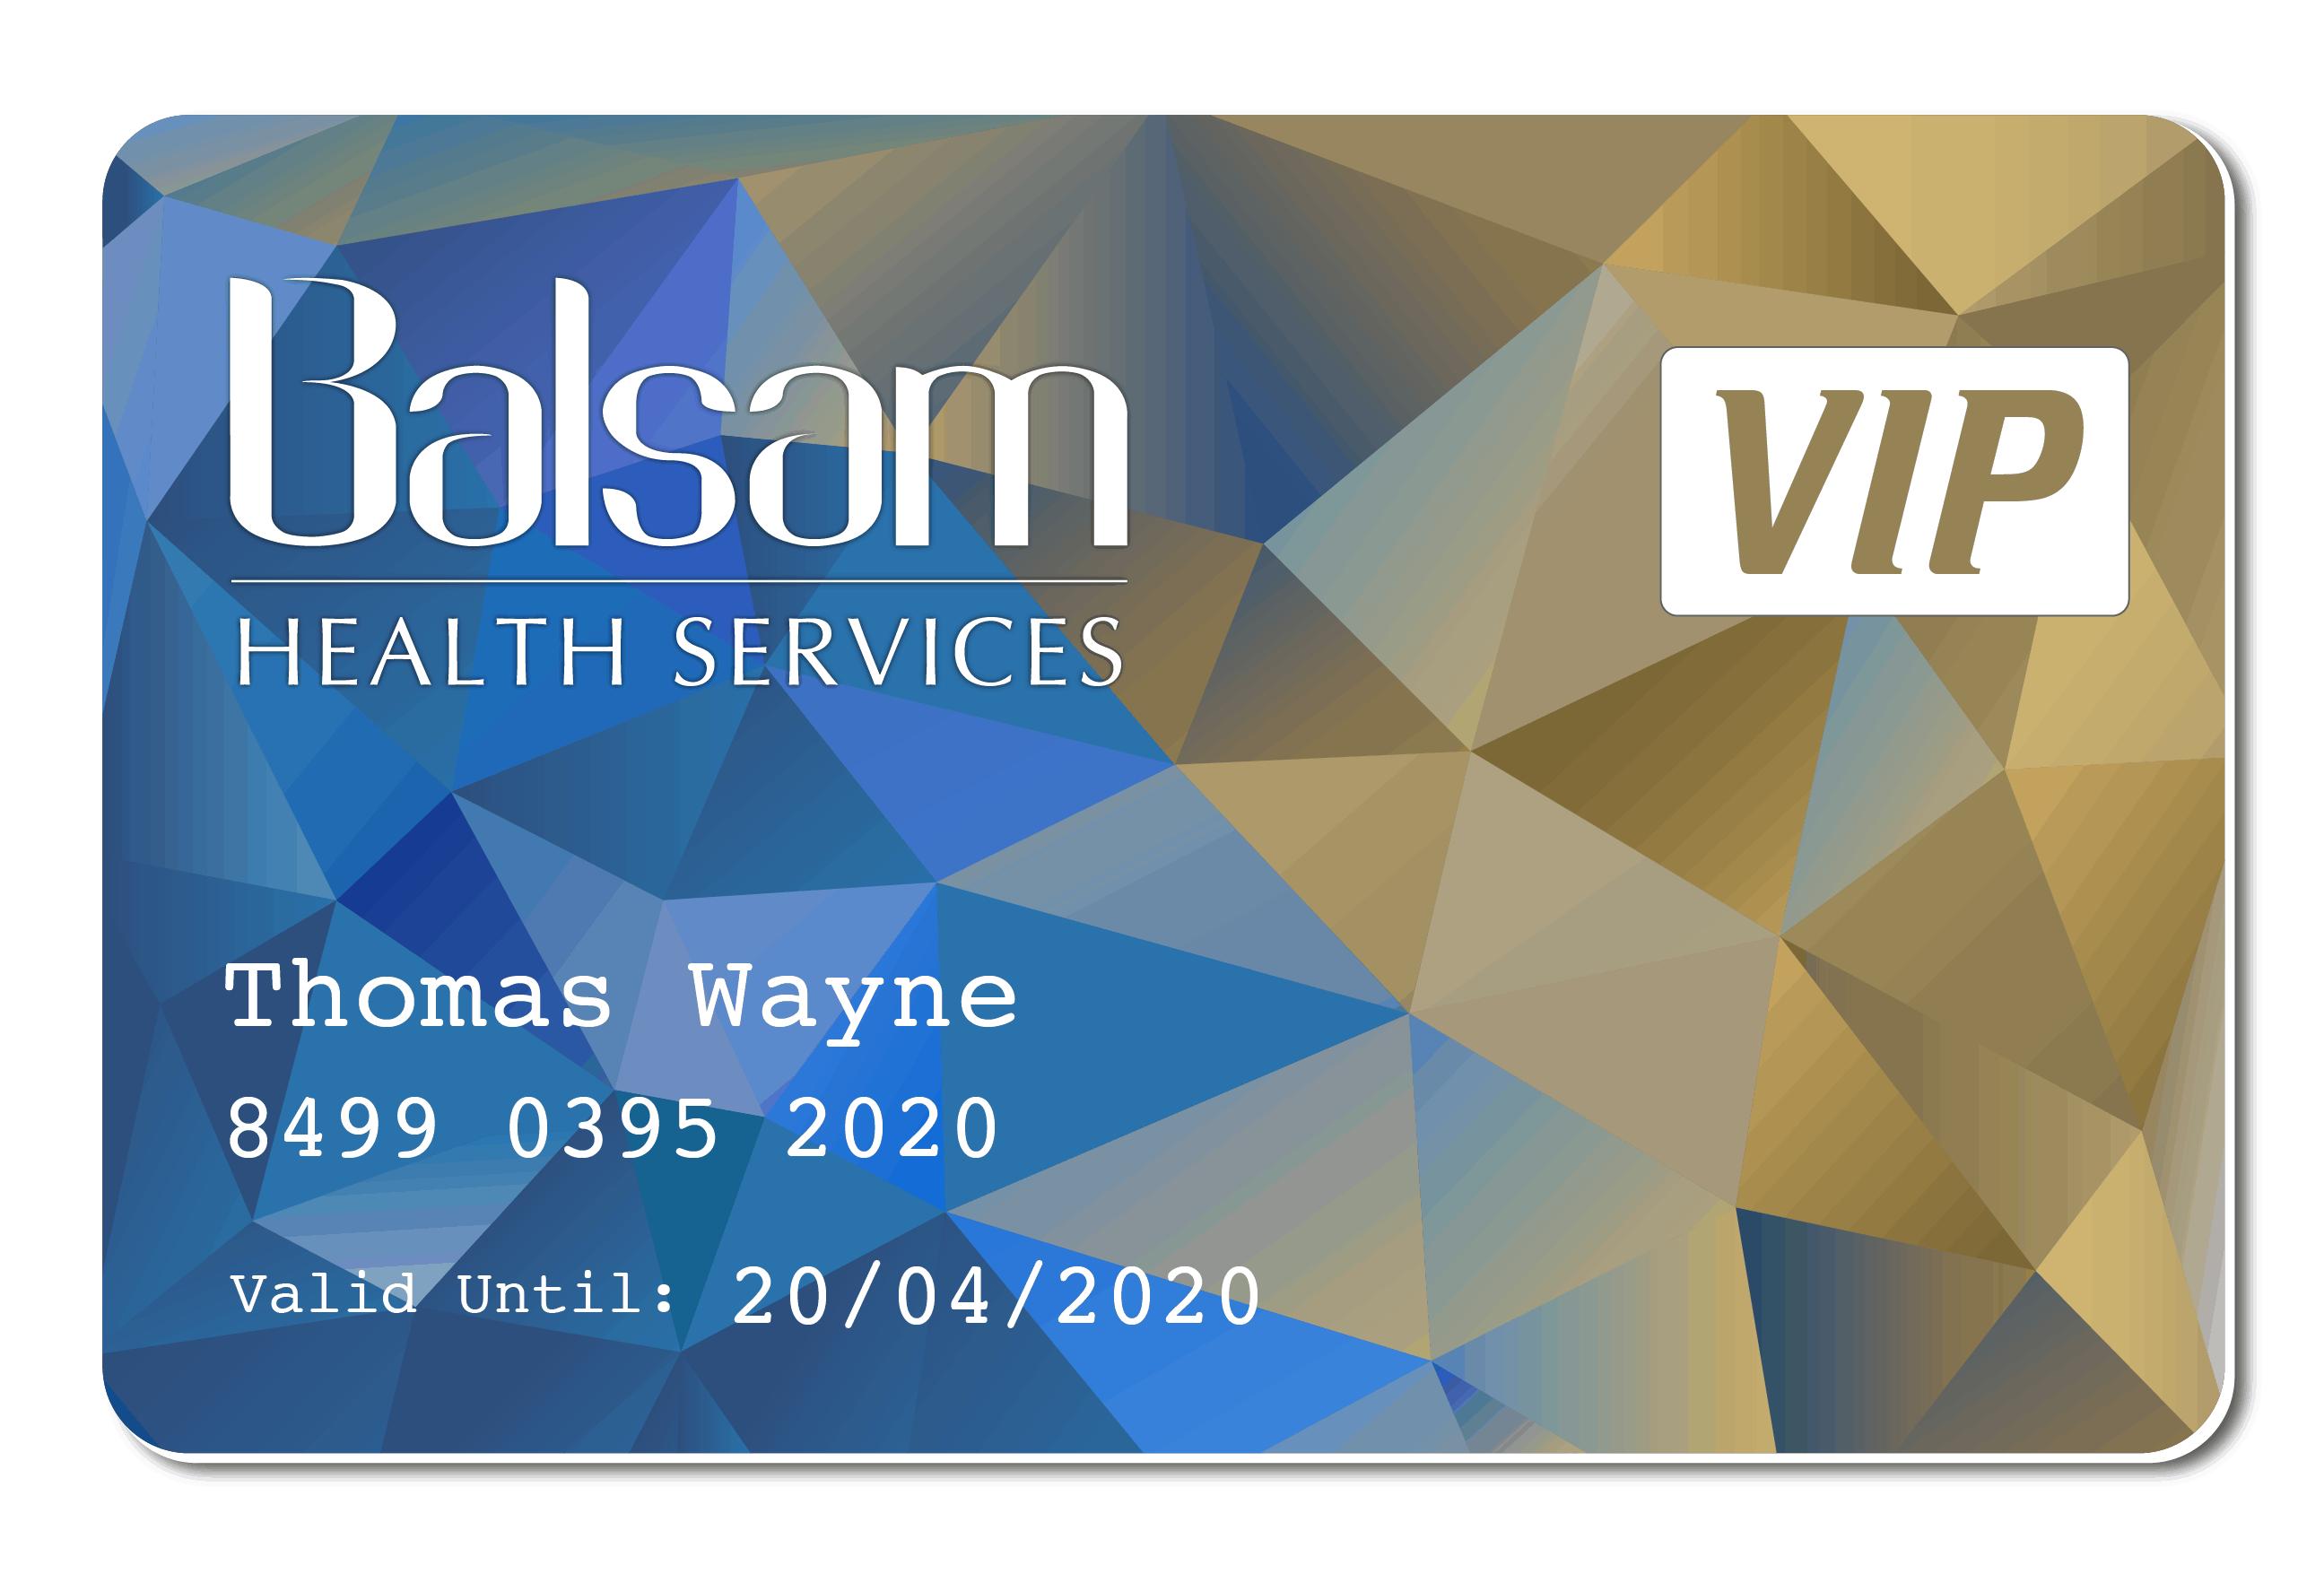 Balsam VIP Member Card